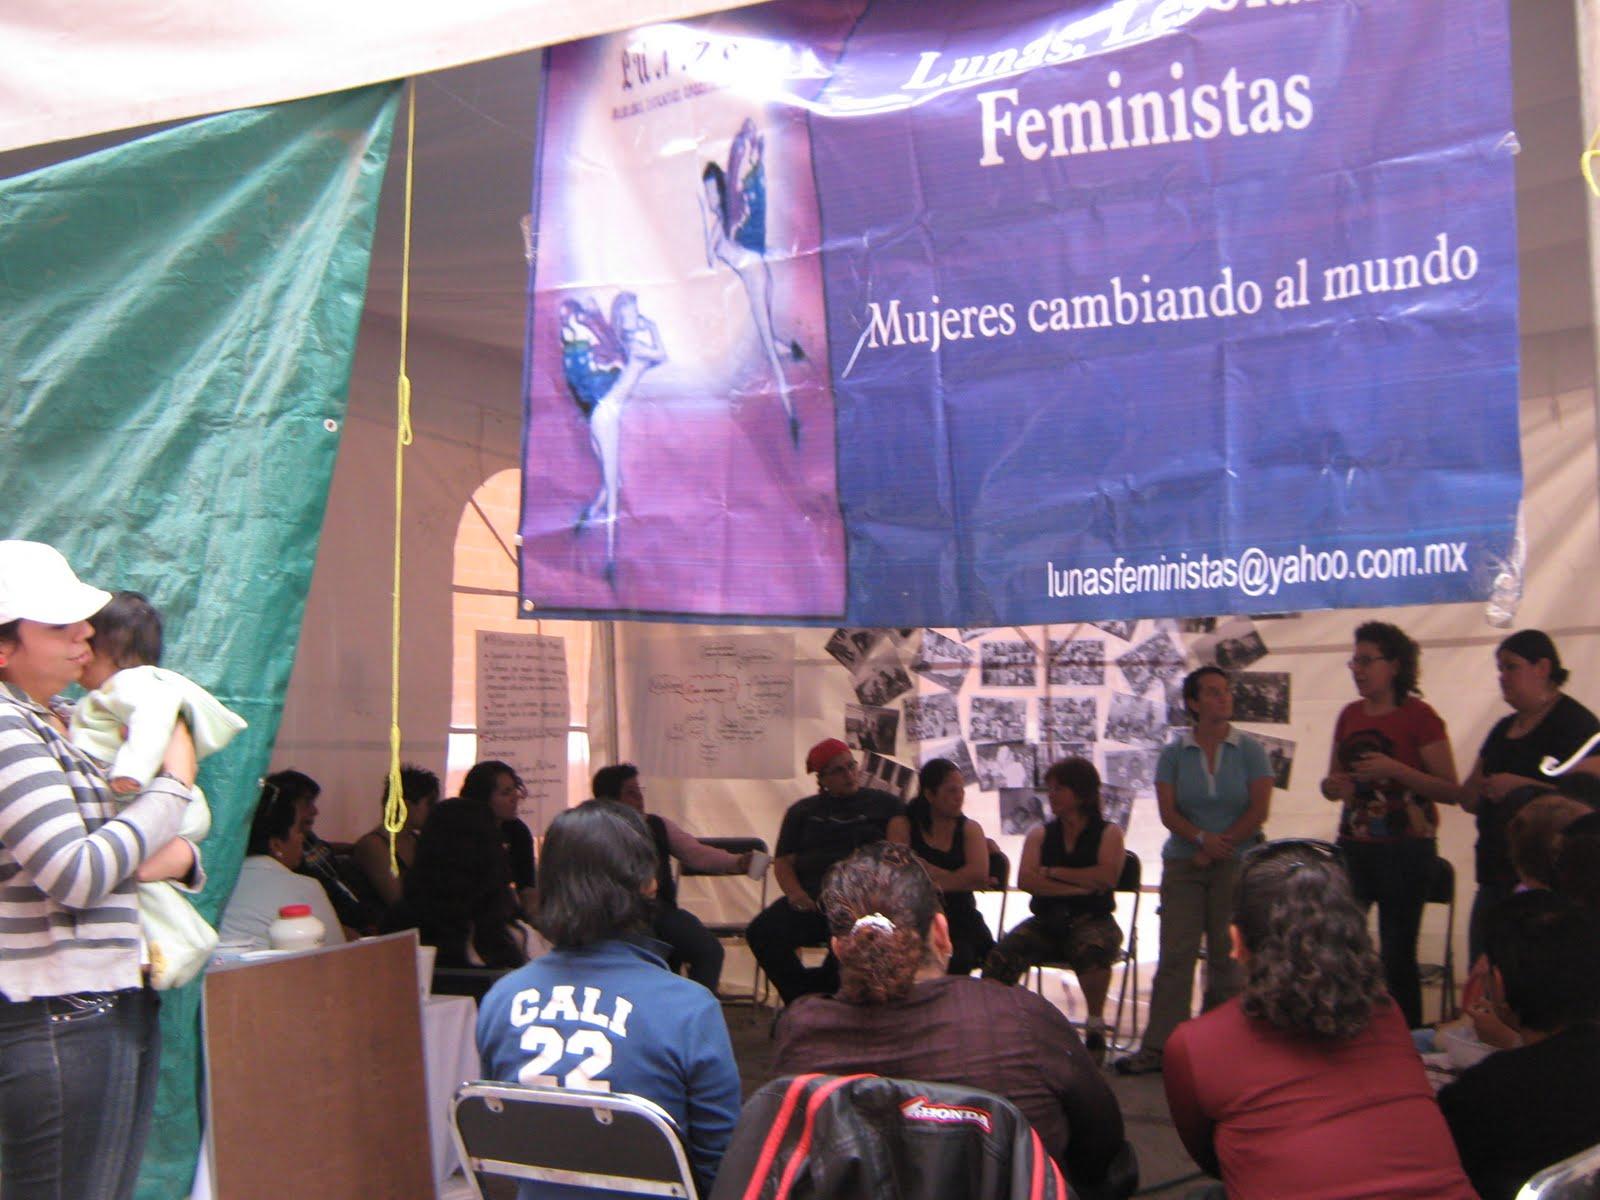 estado de mexico lesbian singles Refelxiones sobre la situación de las mujeres lesbianas y bisexuales de la tercera edad o de lesbian bisexuality ethnicity more from zihuatán estado de.